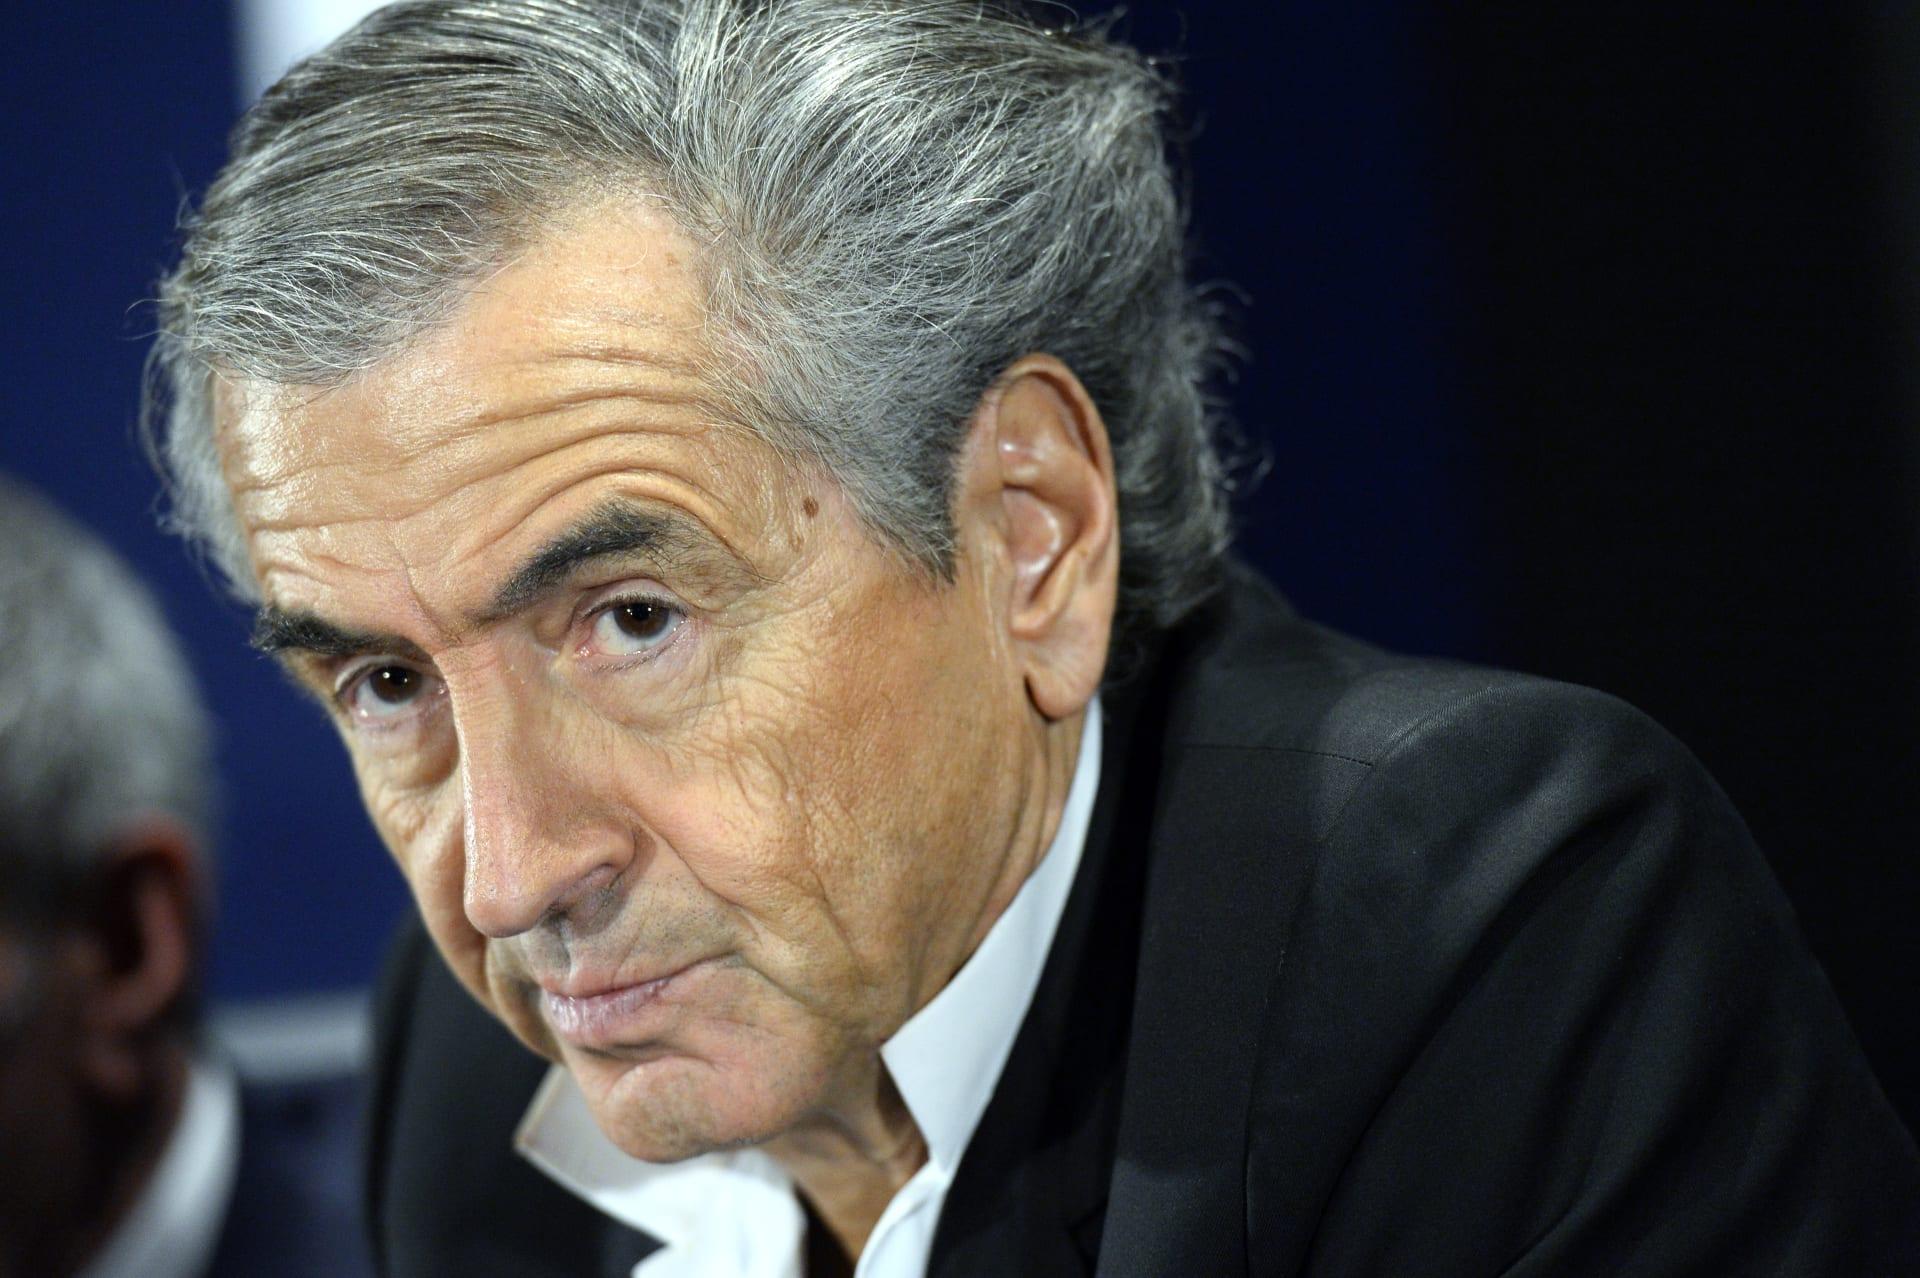 حكومة الوفاق: لا علم لنا بزيارة برنارد ليفي إلى ليبيا.. وإجراءات رادعة ضد المتورطين